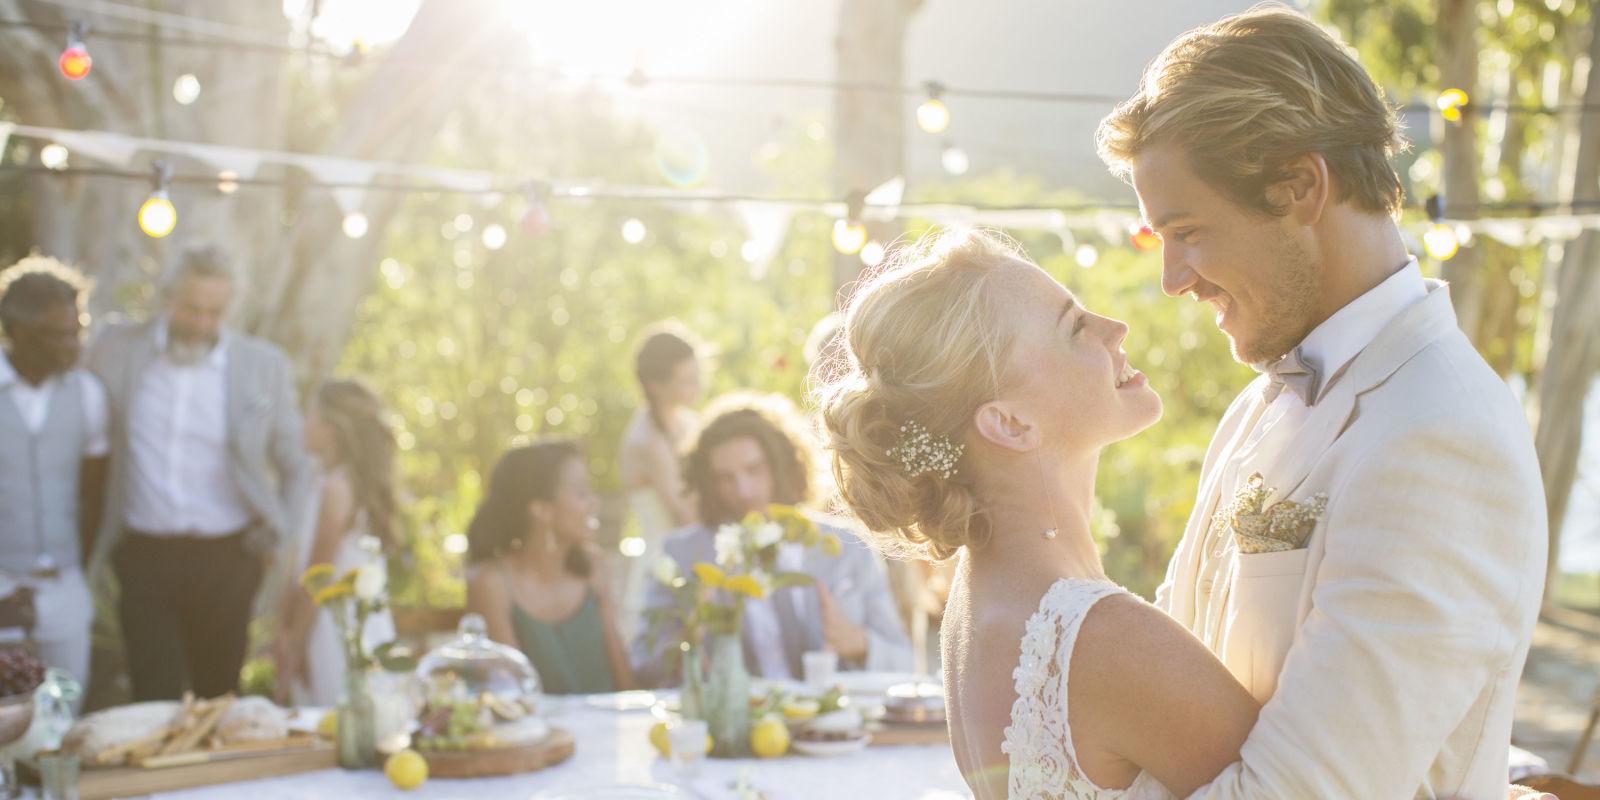 50 Best Wedding Songs